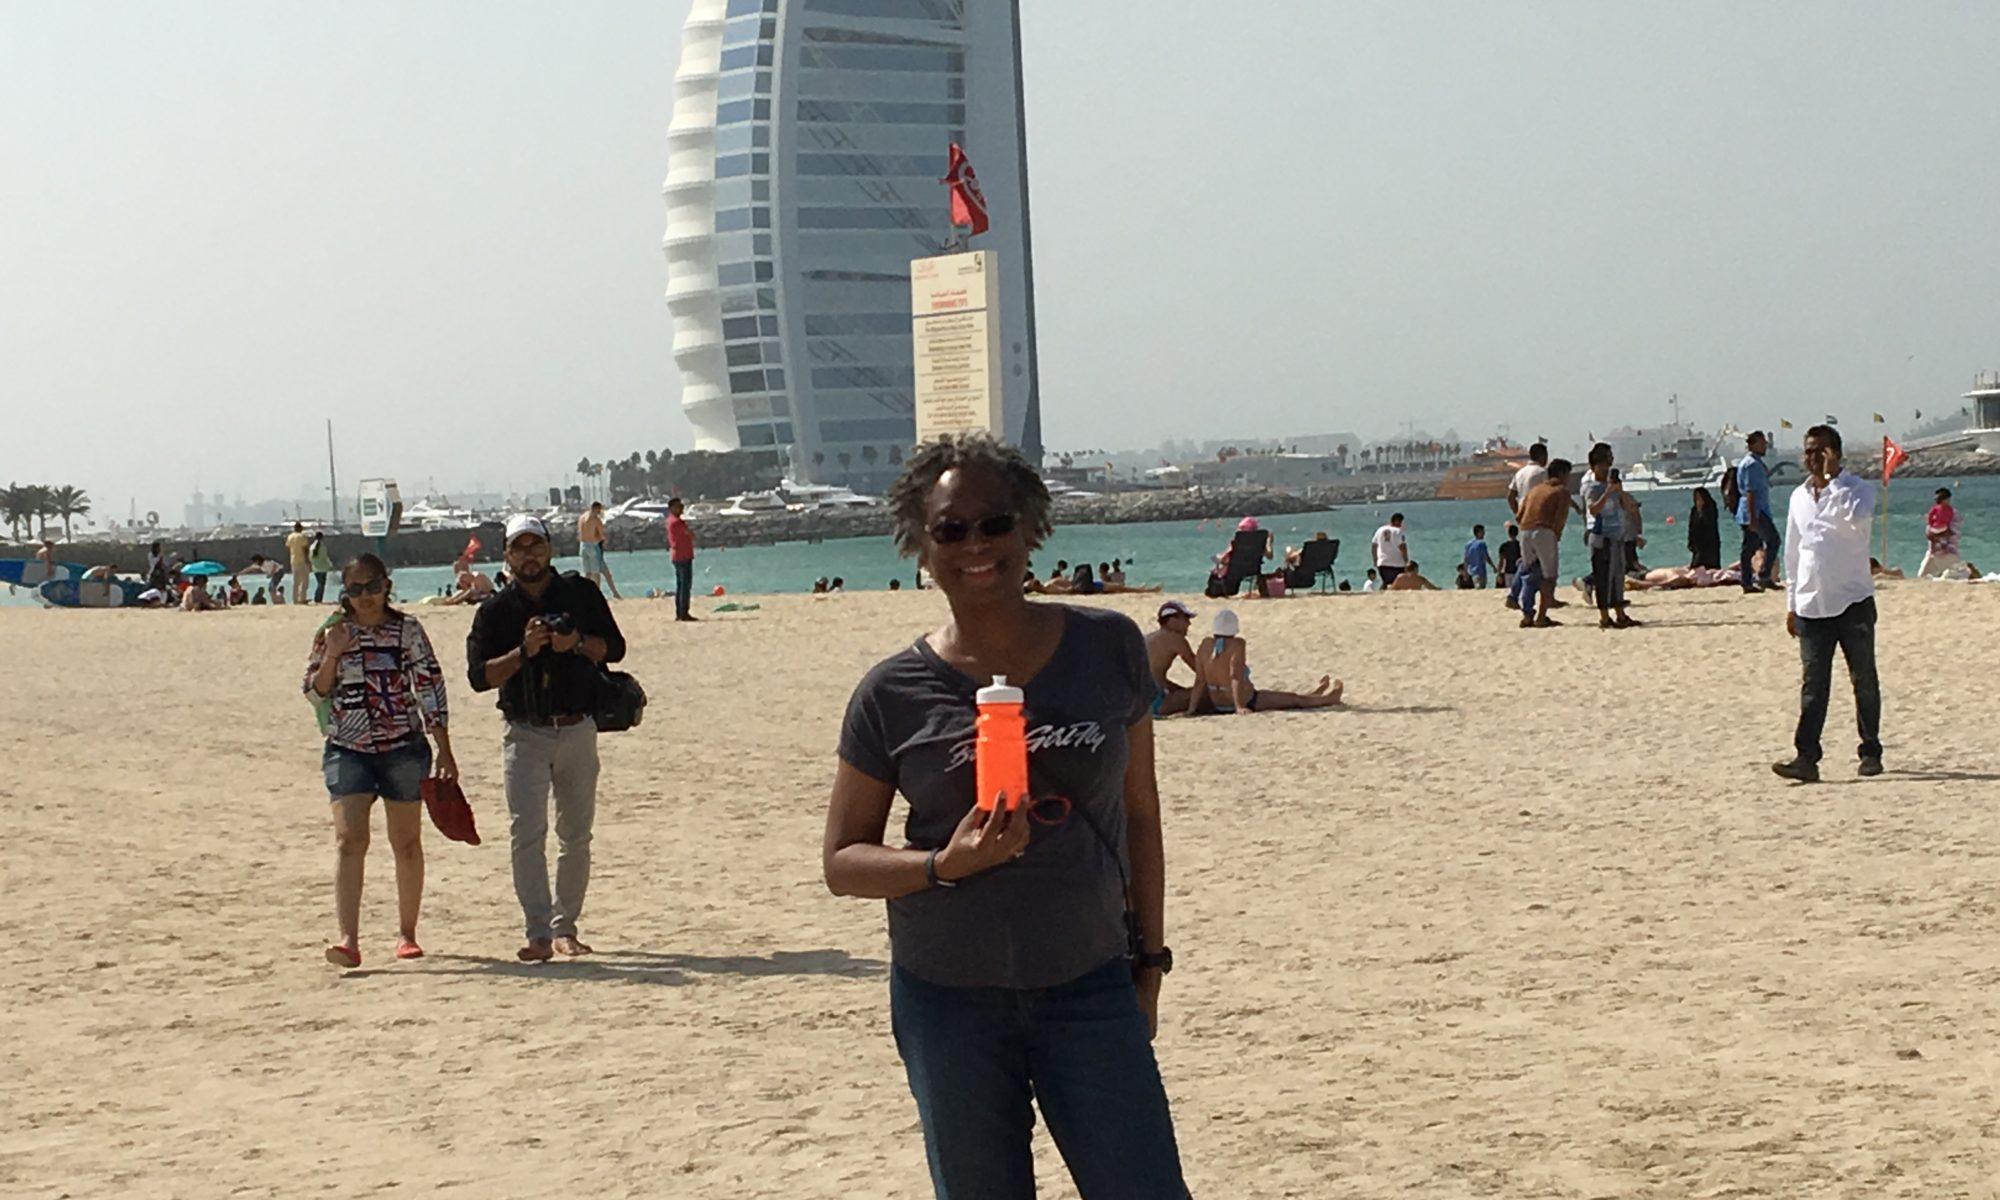 Visiting Dubai and Abu Dhabi